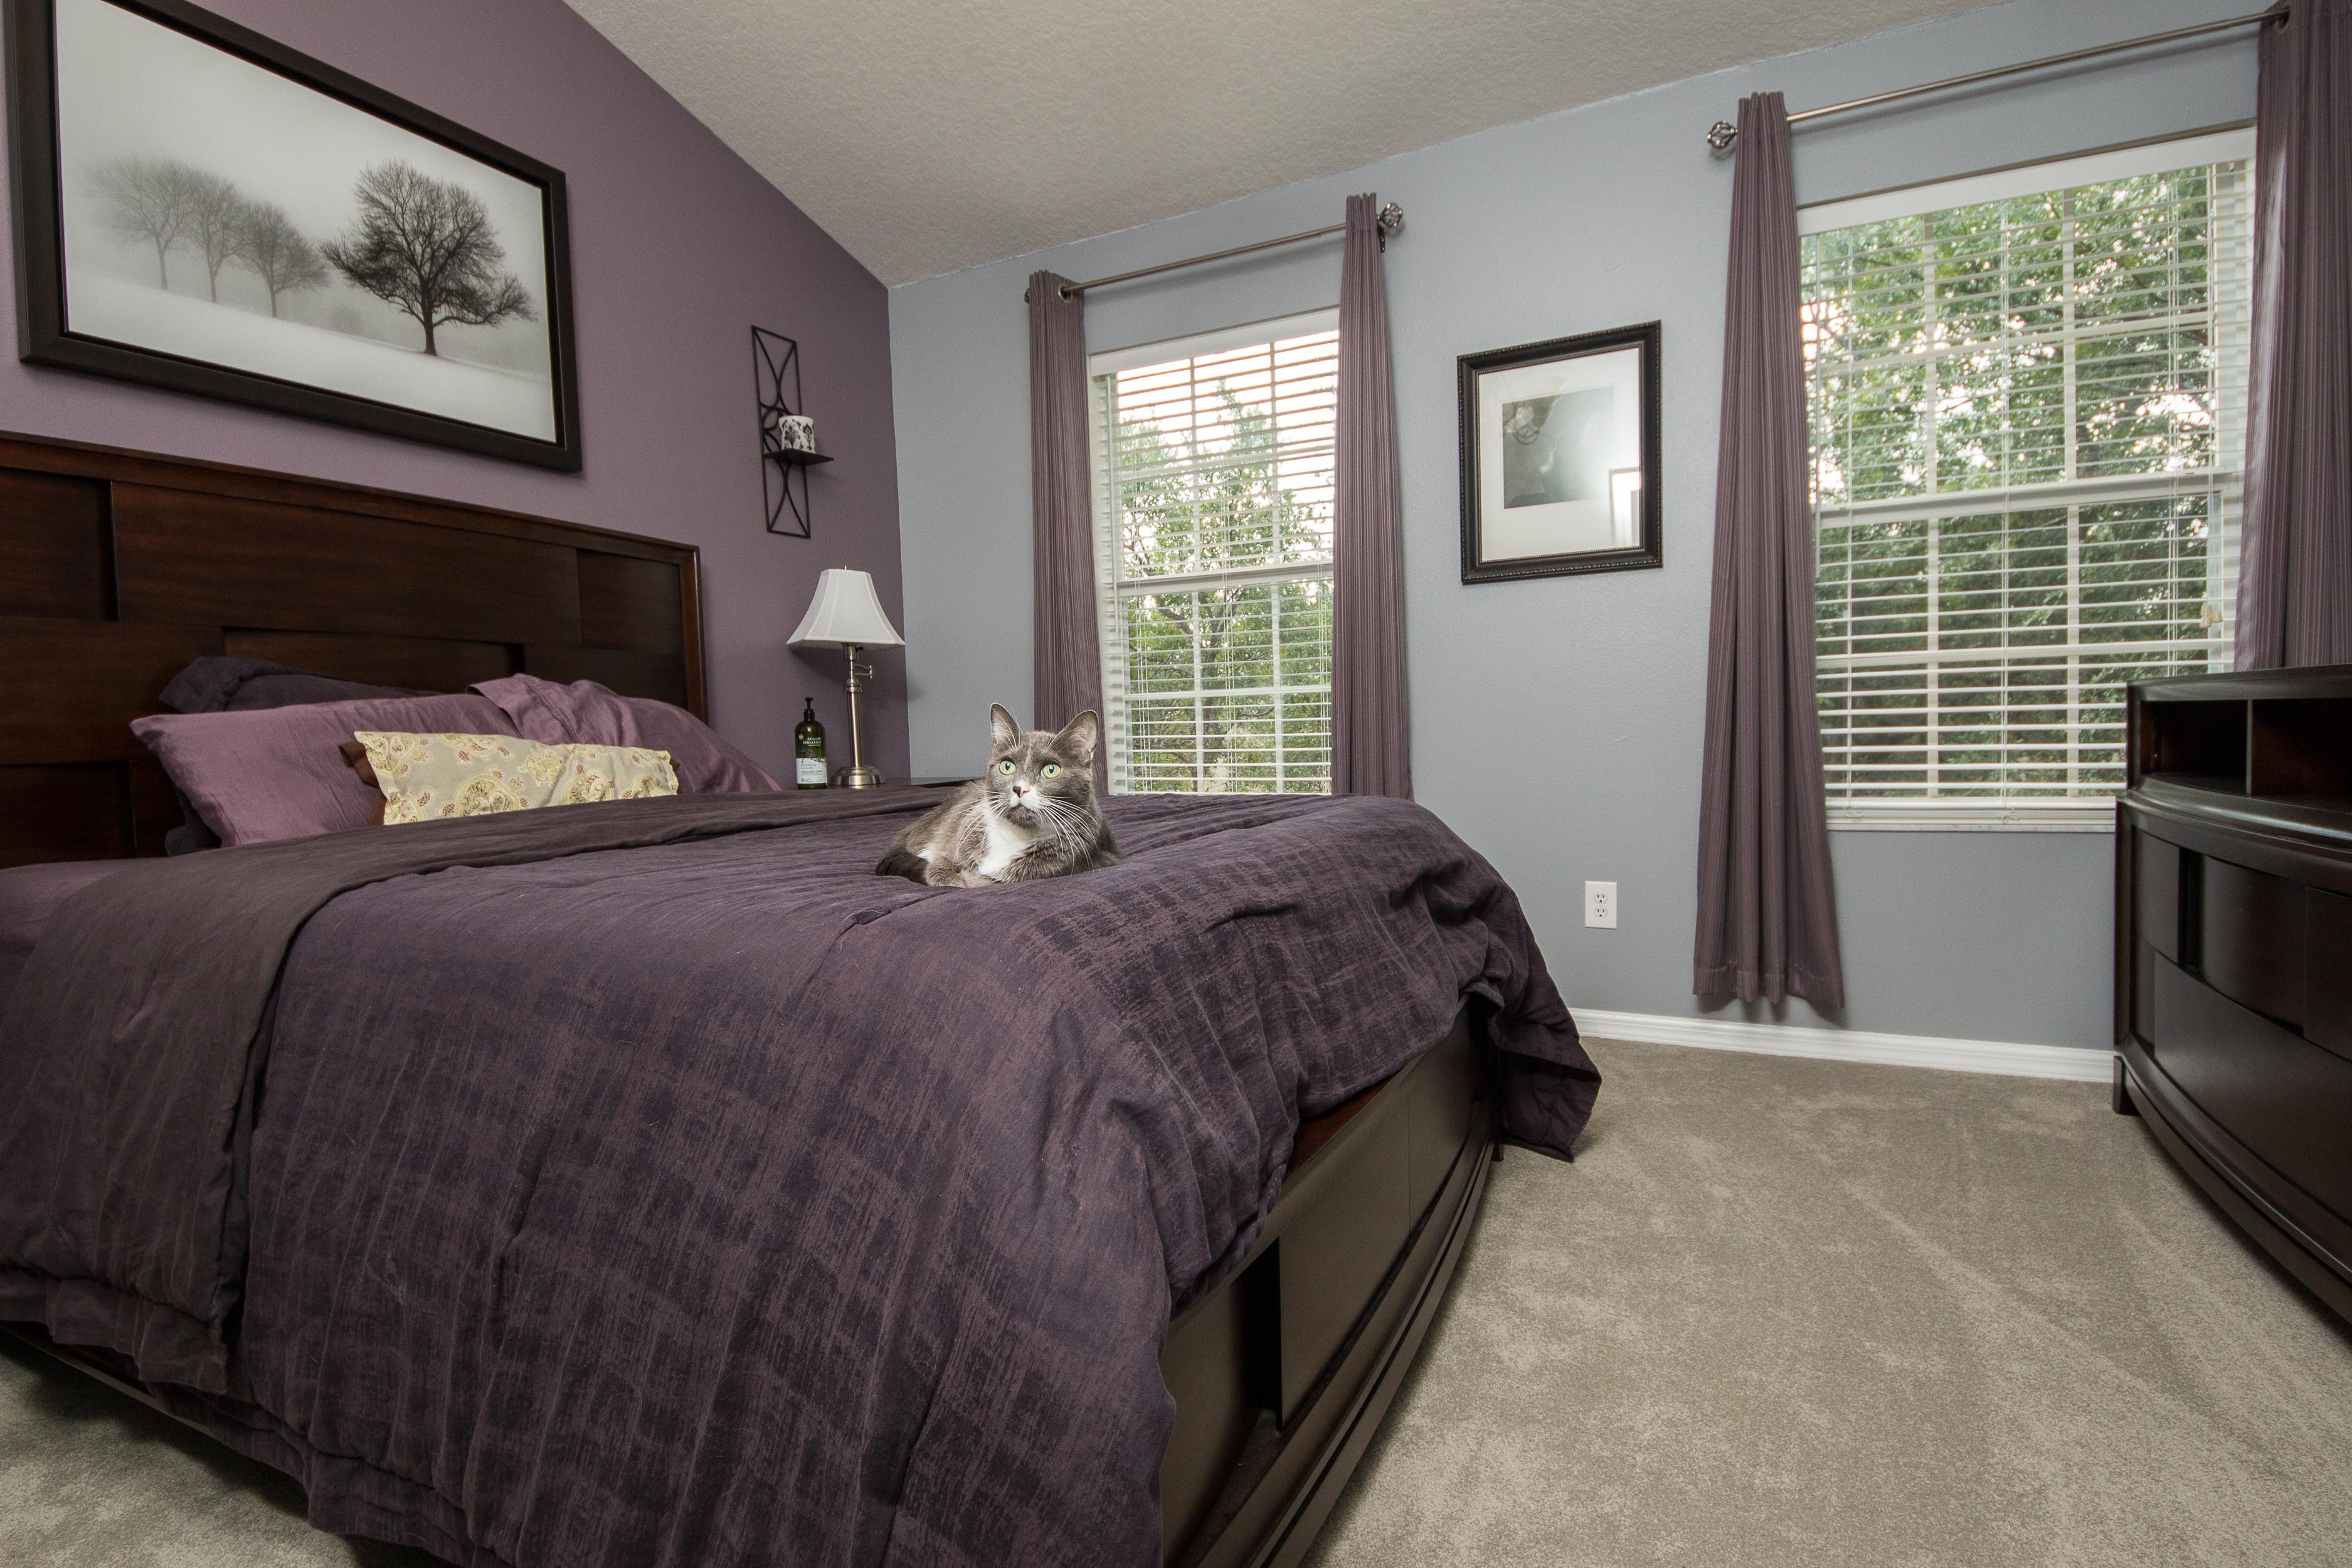 PVC Vinyl & Gray Carpet flooring master bedroom